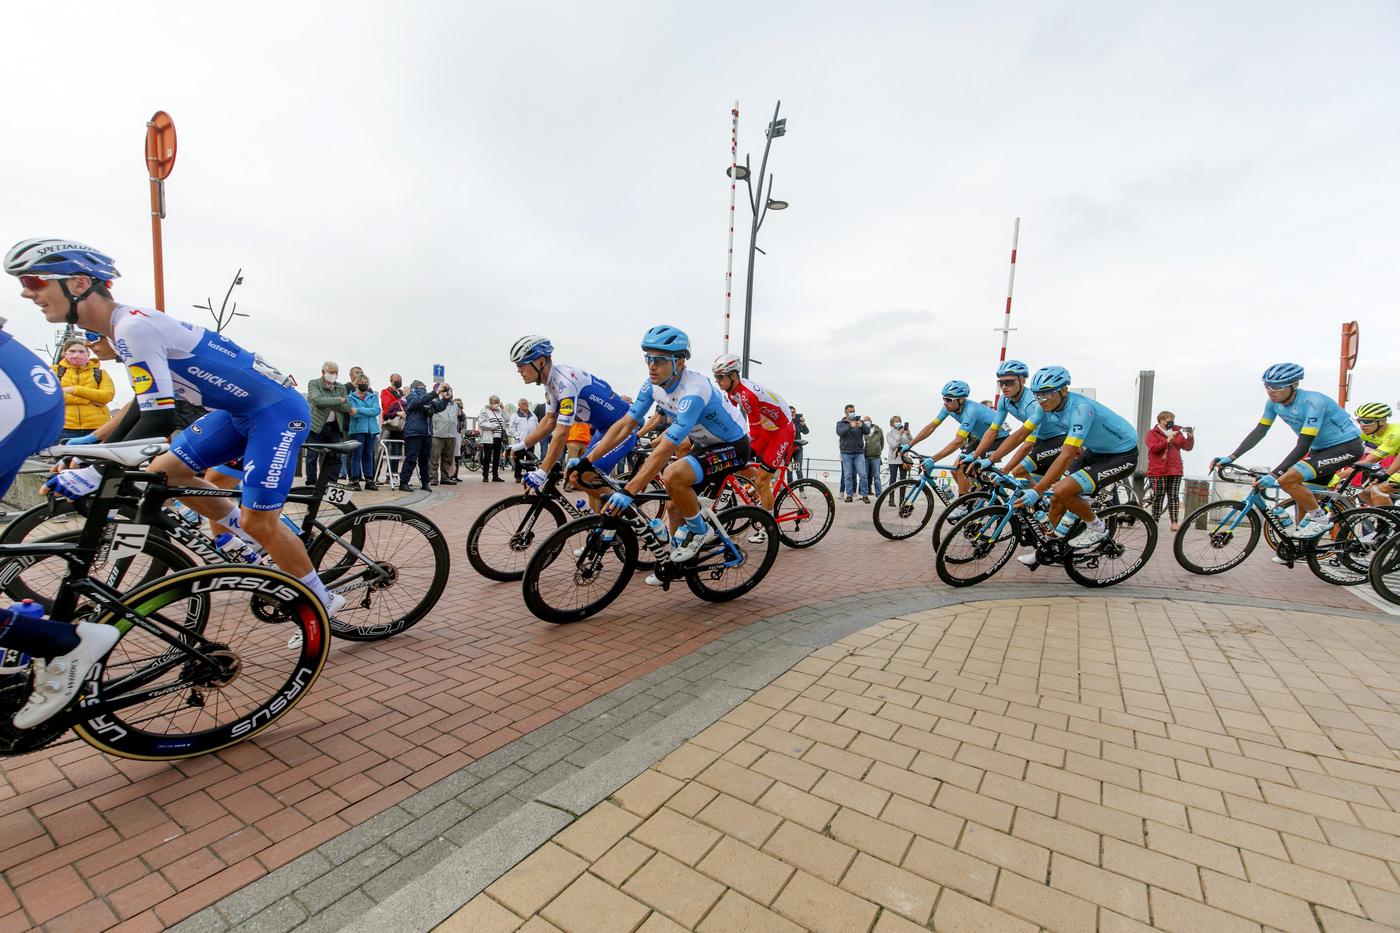 Brugge De Panne 2020: Yves Lampaert trionfa in solitaria in una gara caratterizzata dai ventagli